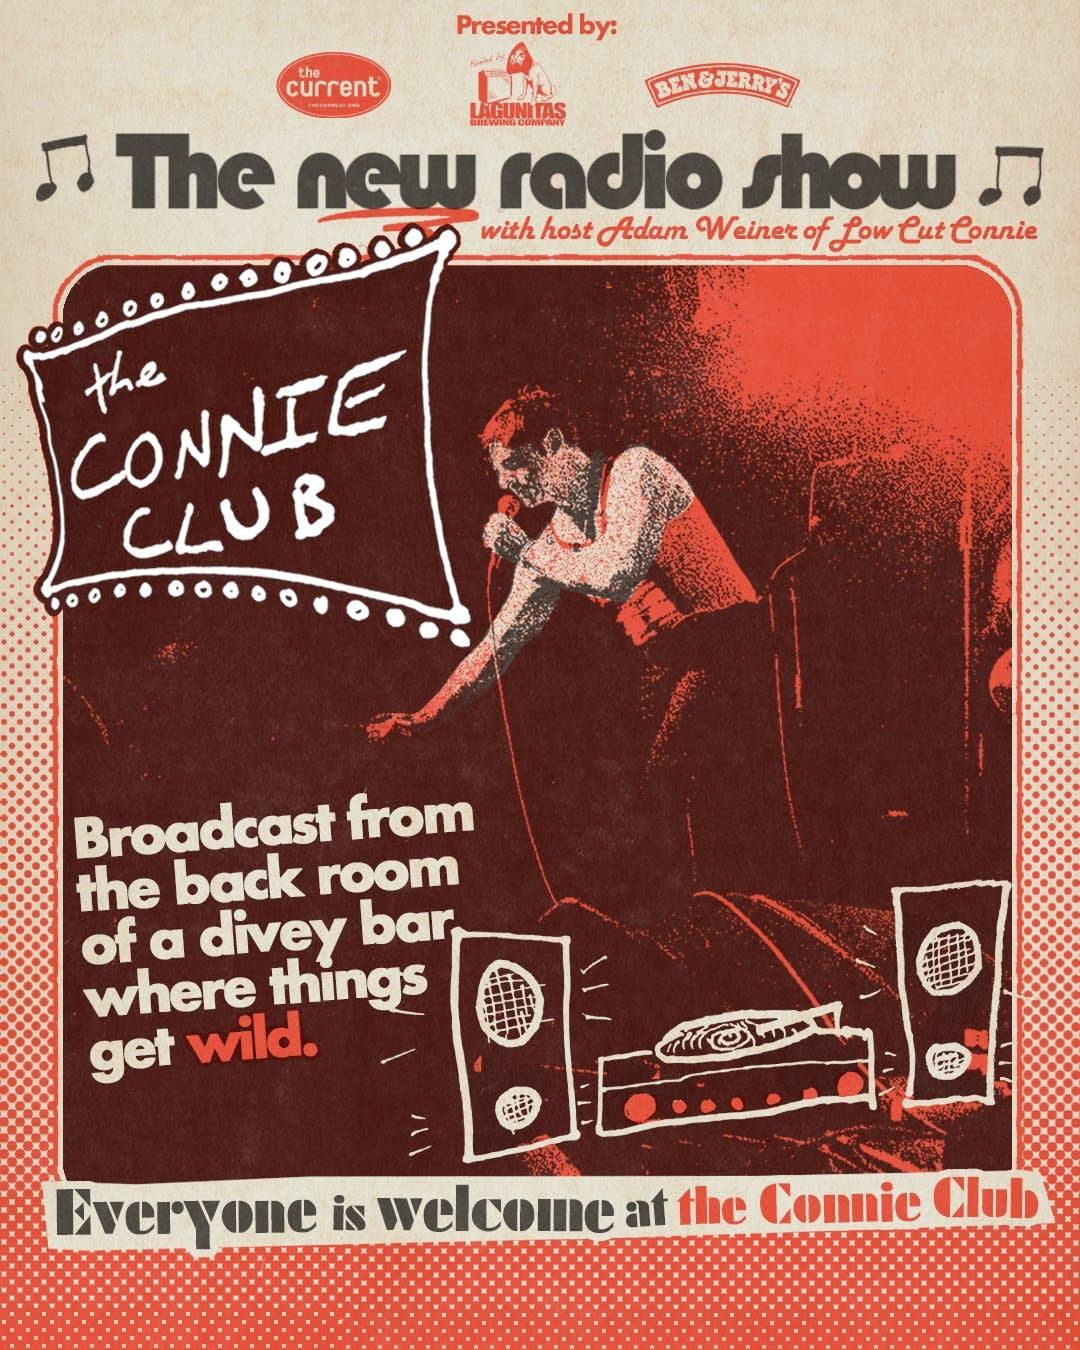 The Connie Club